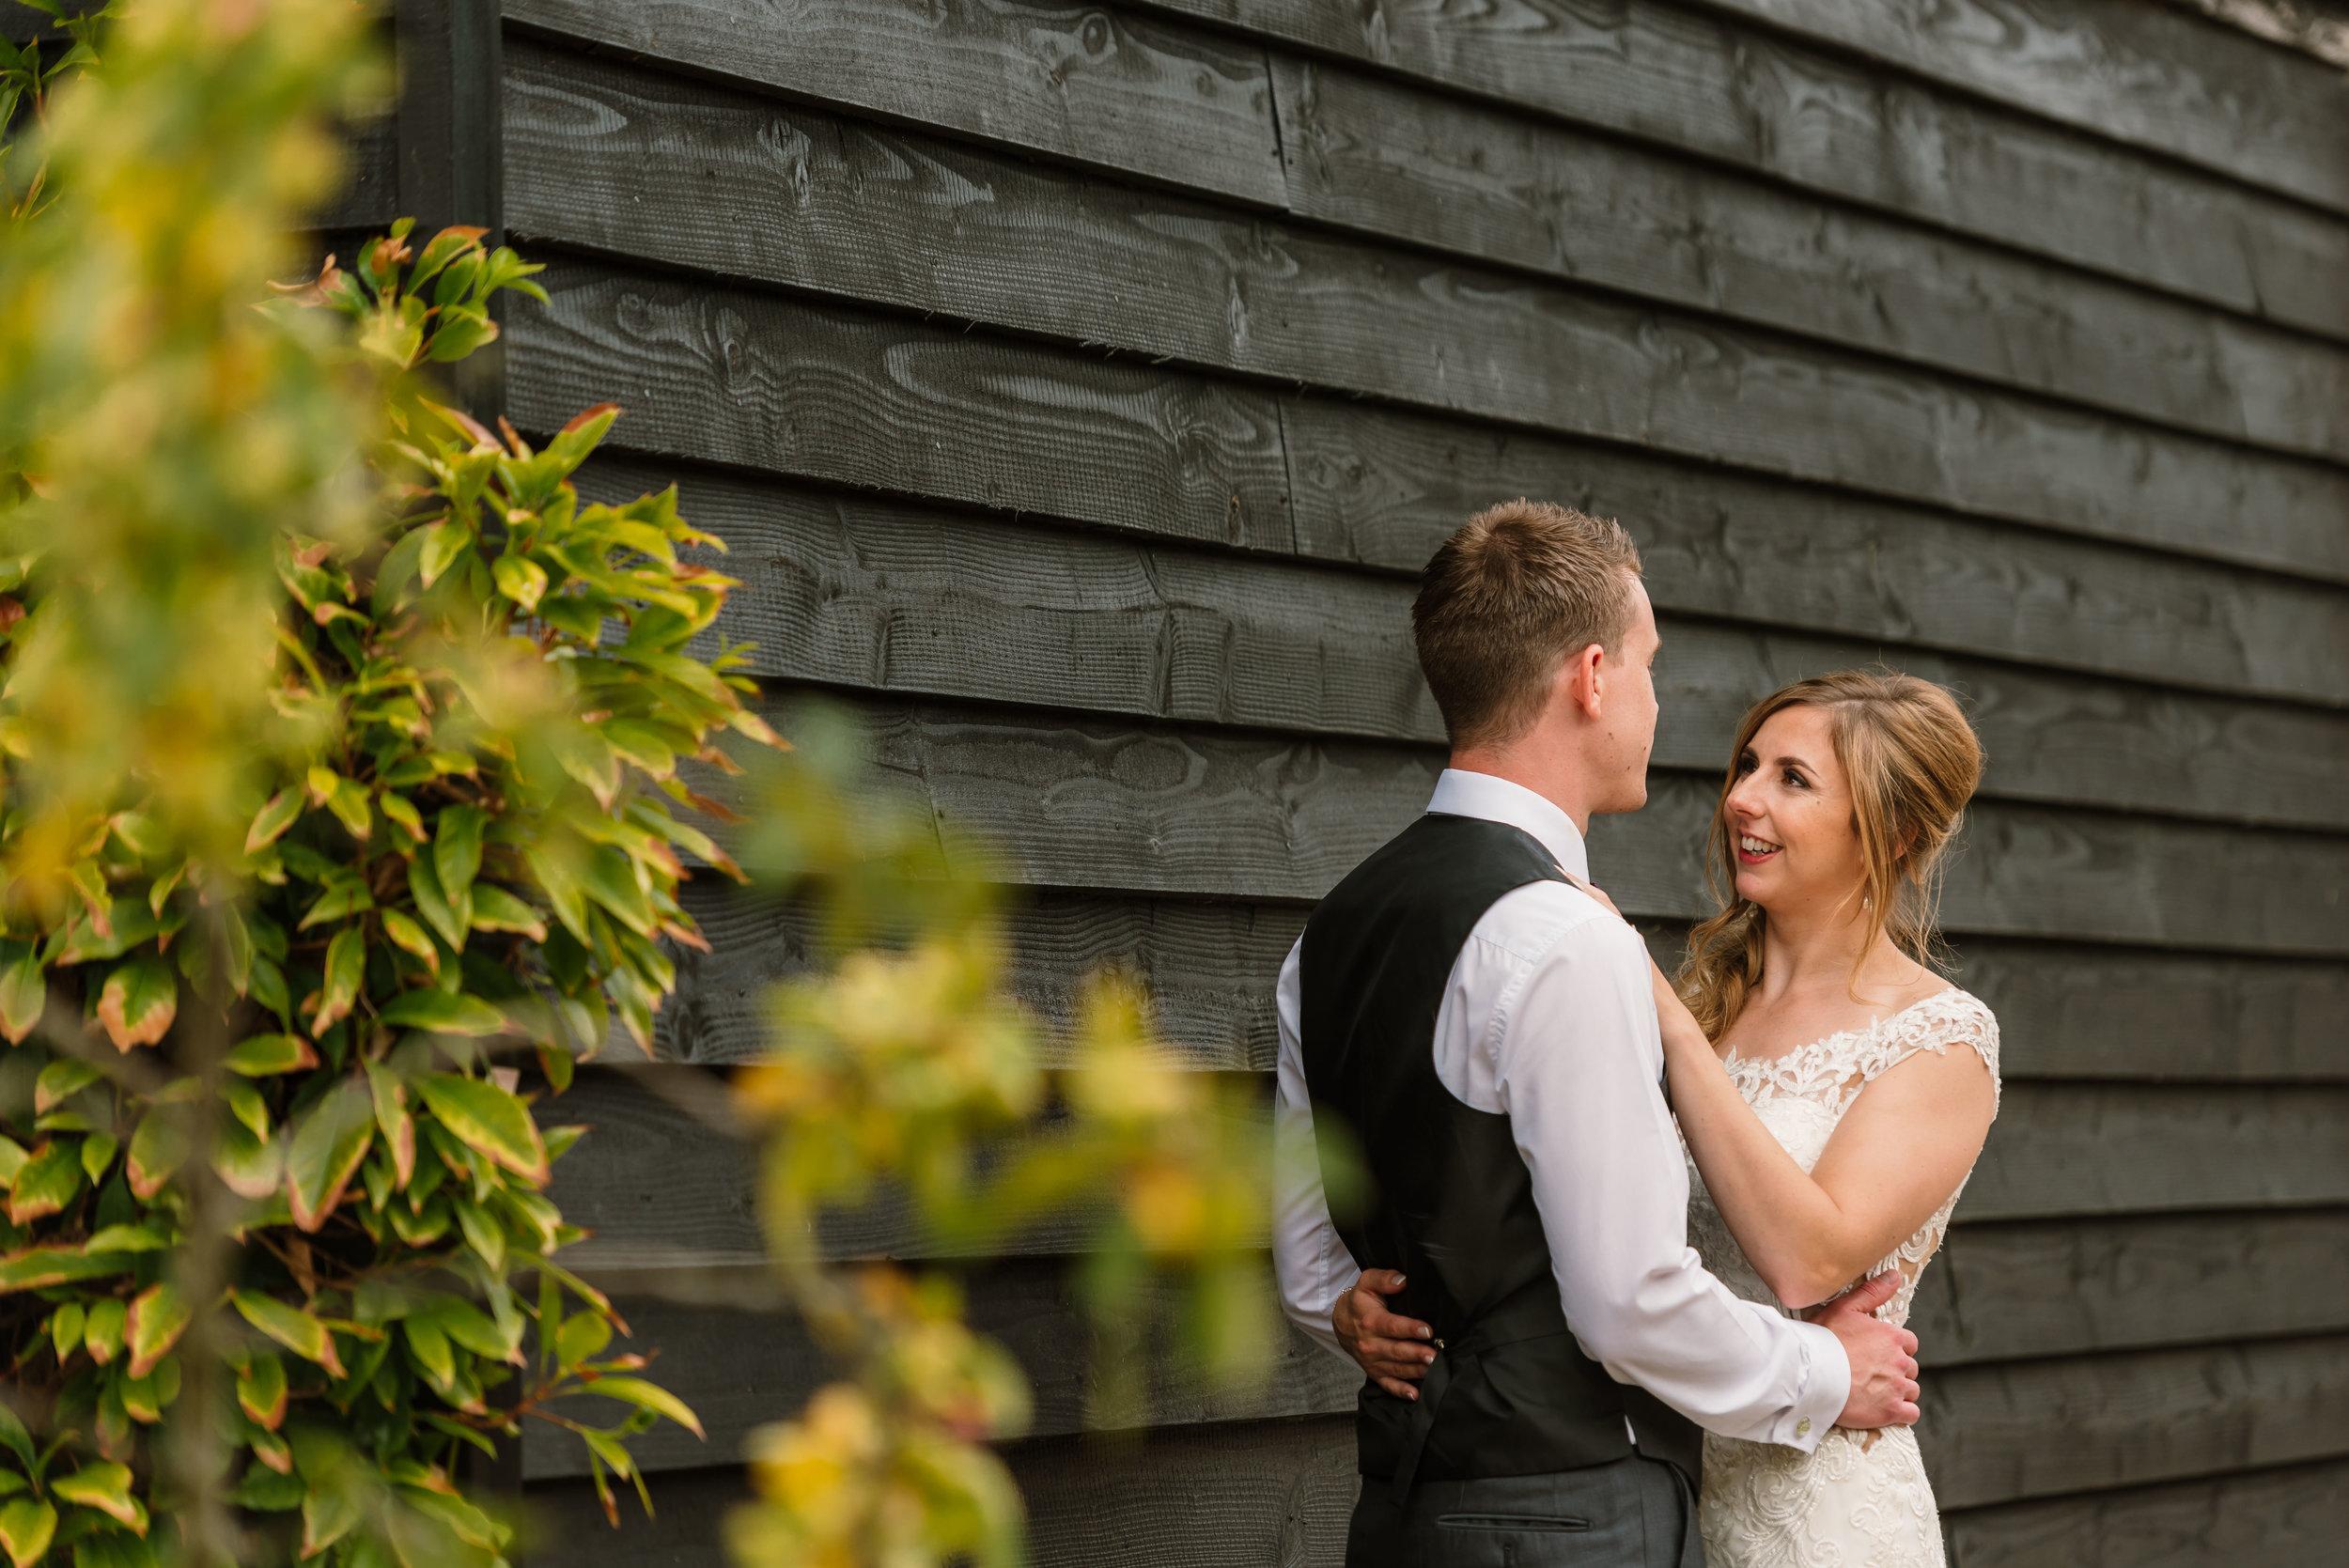 Hampshire Wedding Photographer Hampshire : Ufton-Court-Wedding : Barn-wedding-venue-hampshire : sarah-fishlock-photography : hampshire-barn-wedding-1016.jpg